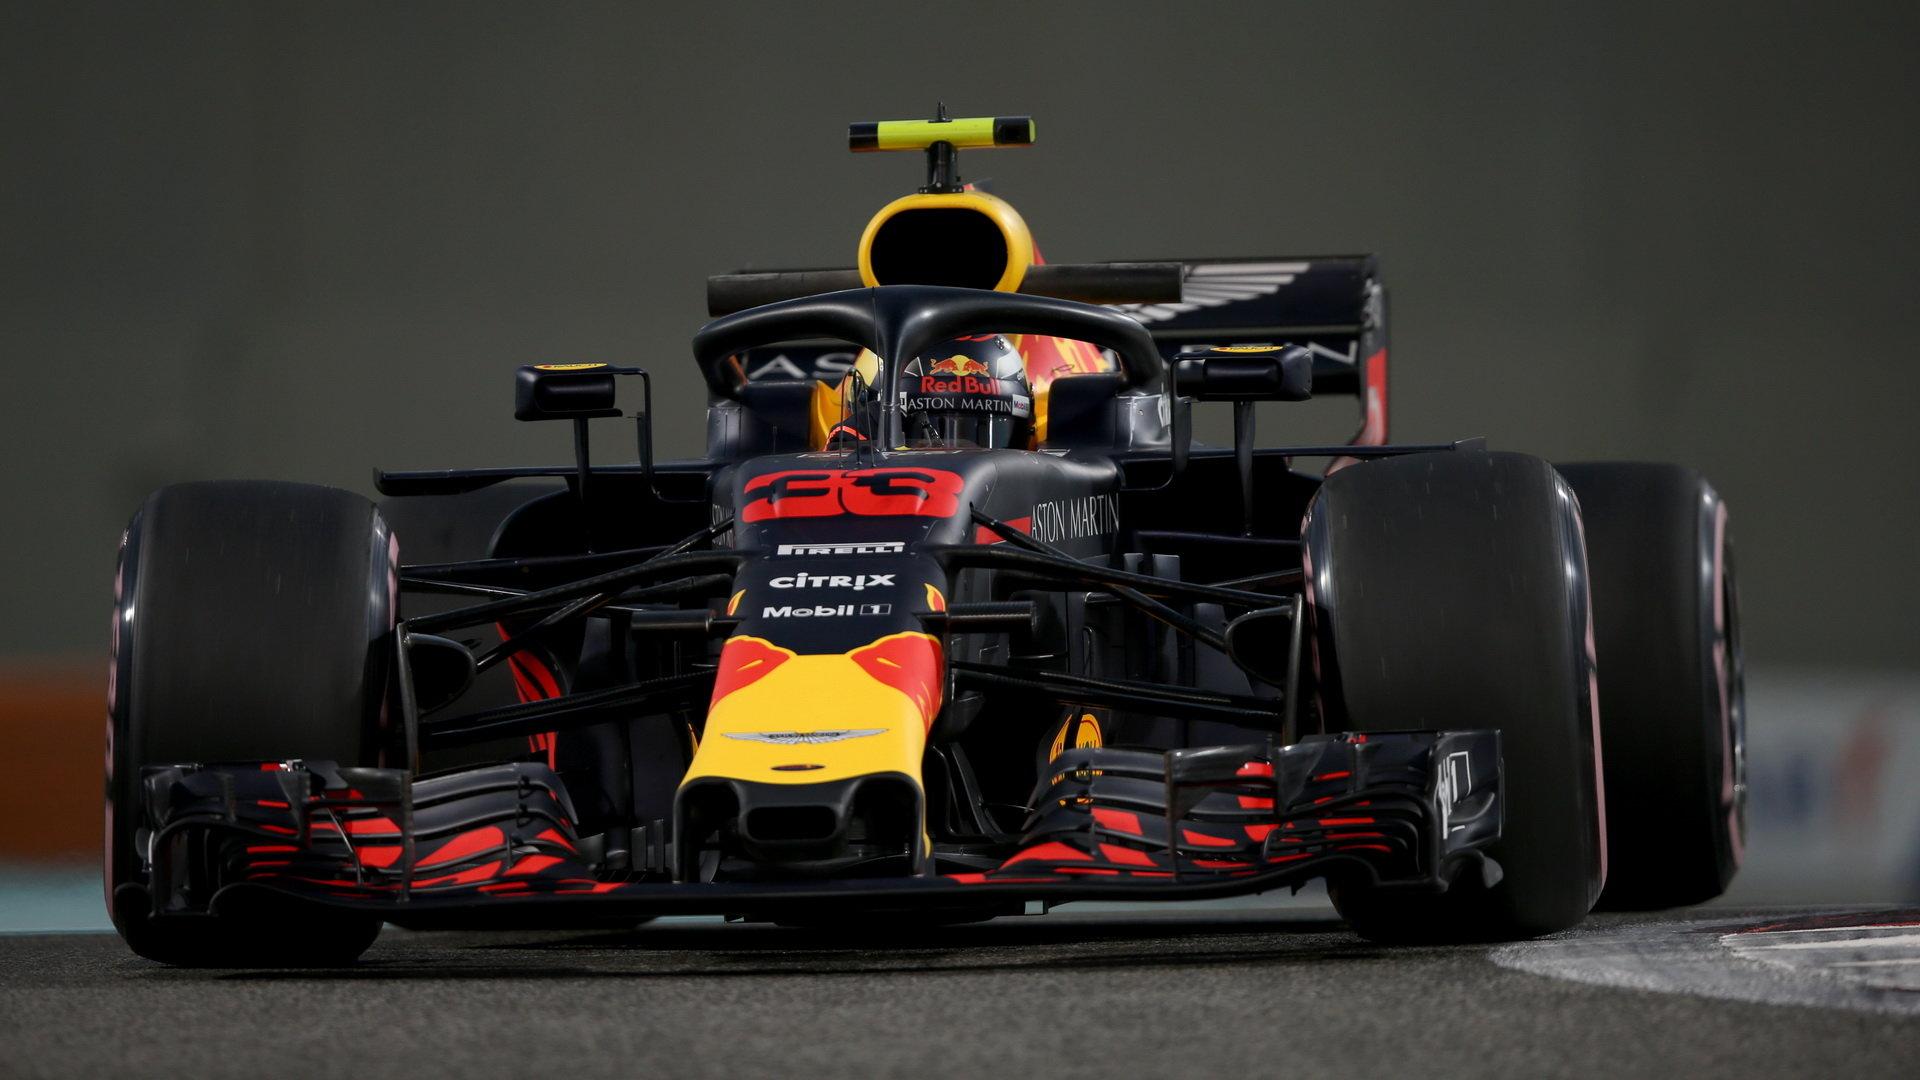 Red Bull věří, že v roce 2019 bude s Hondou bojovat o titul